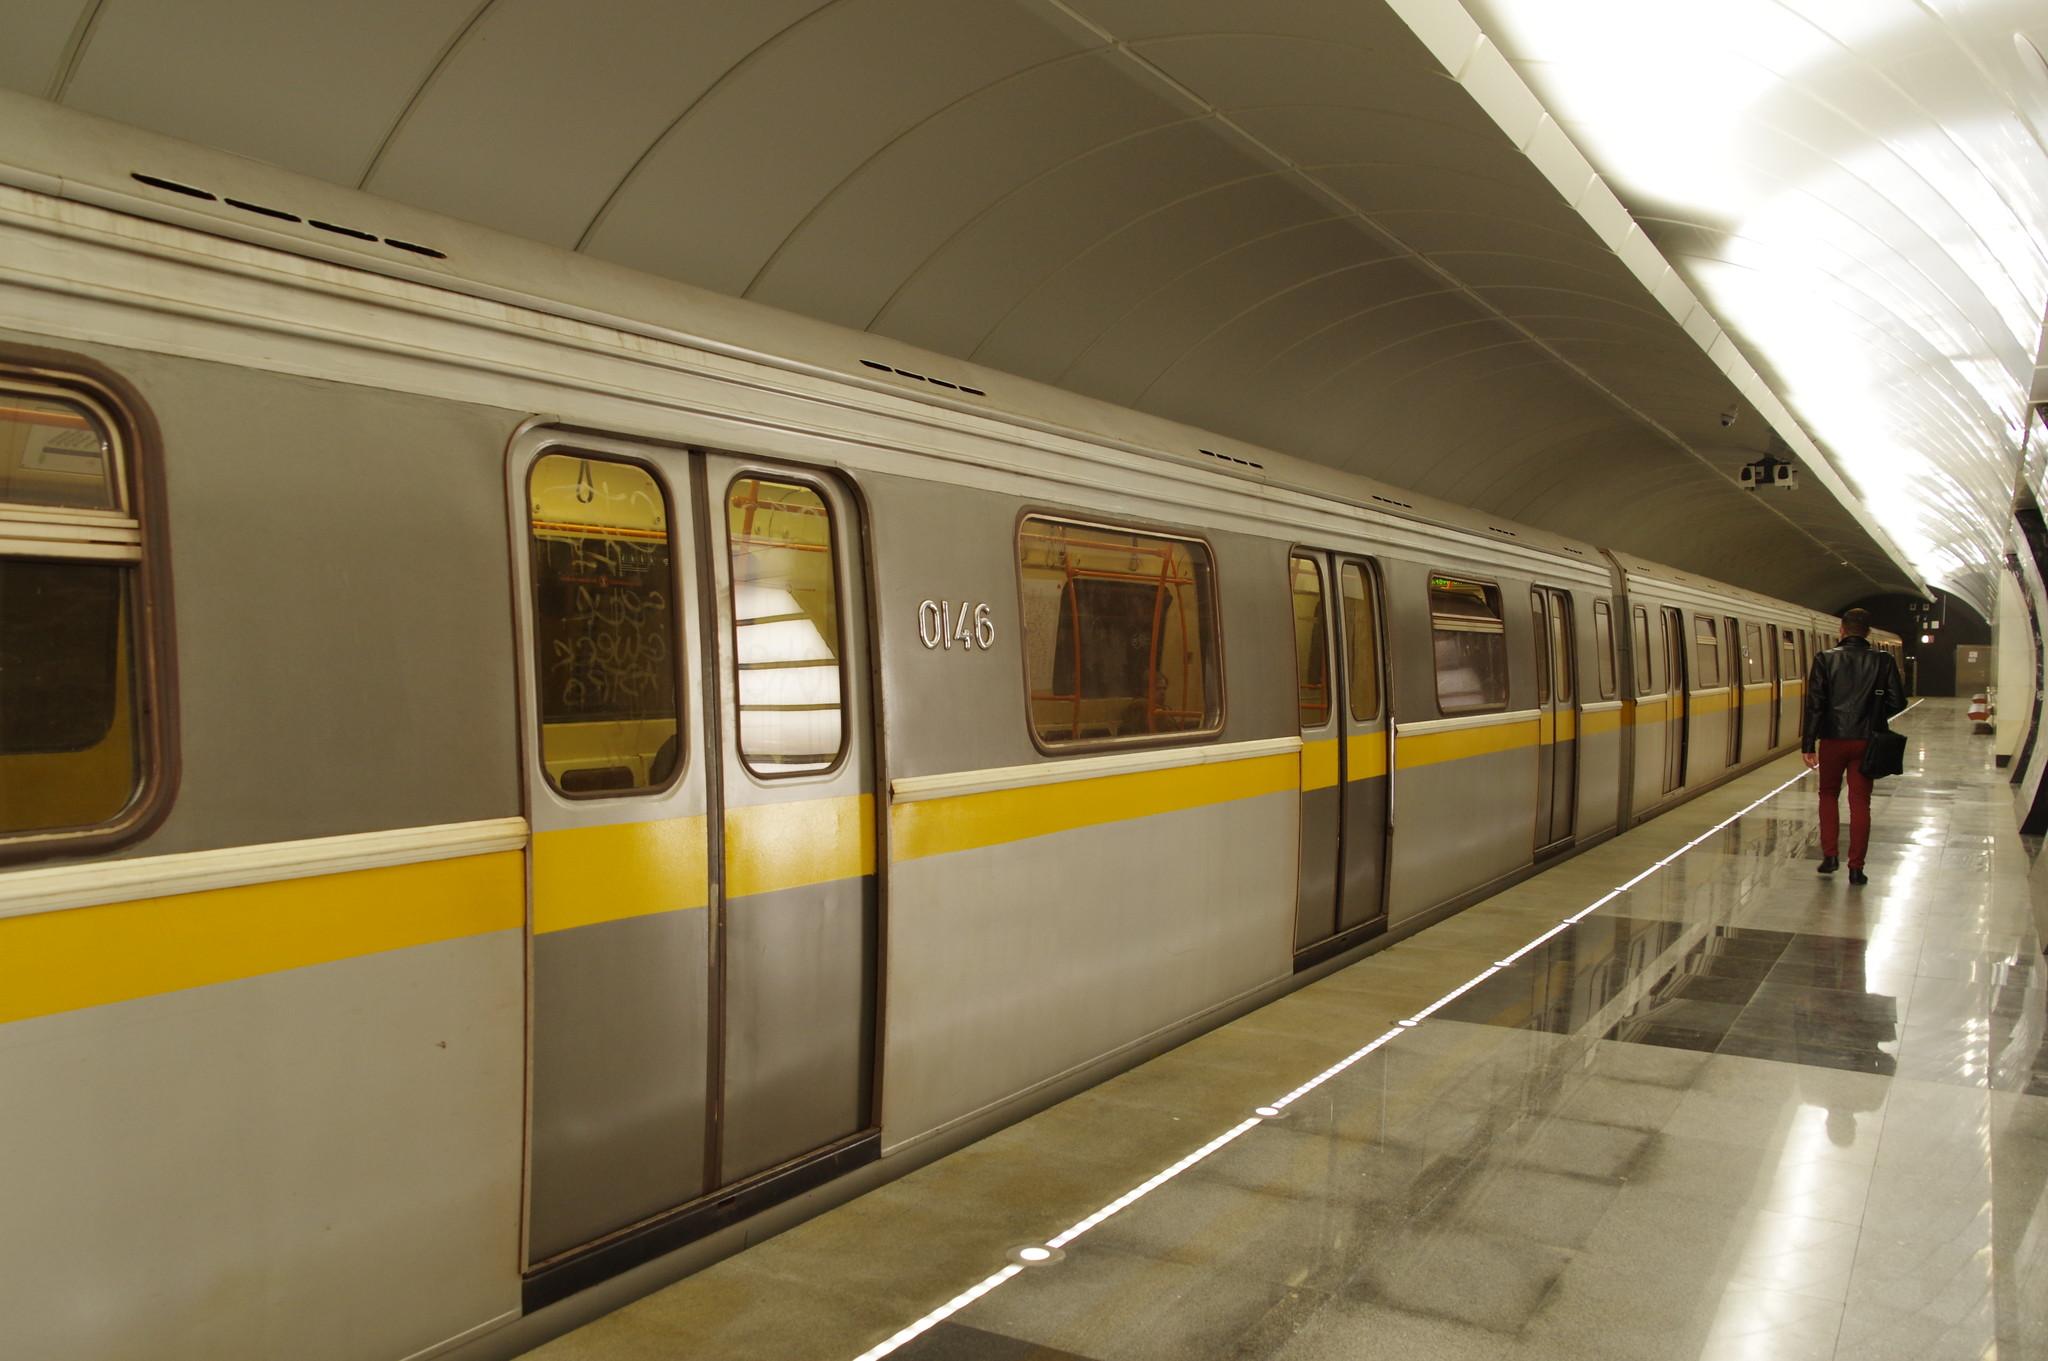 Вагон модели 81-721.1 «Яуза» № 0146 Московского метрополитена на Люблинско-Дмитровской линии